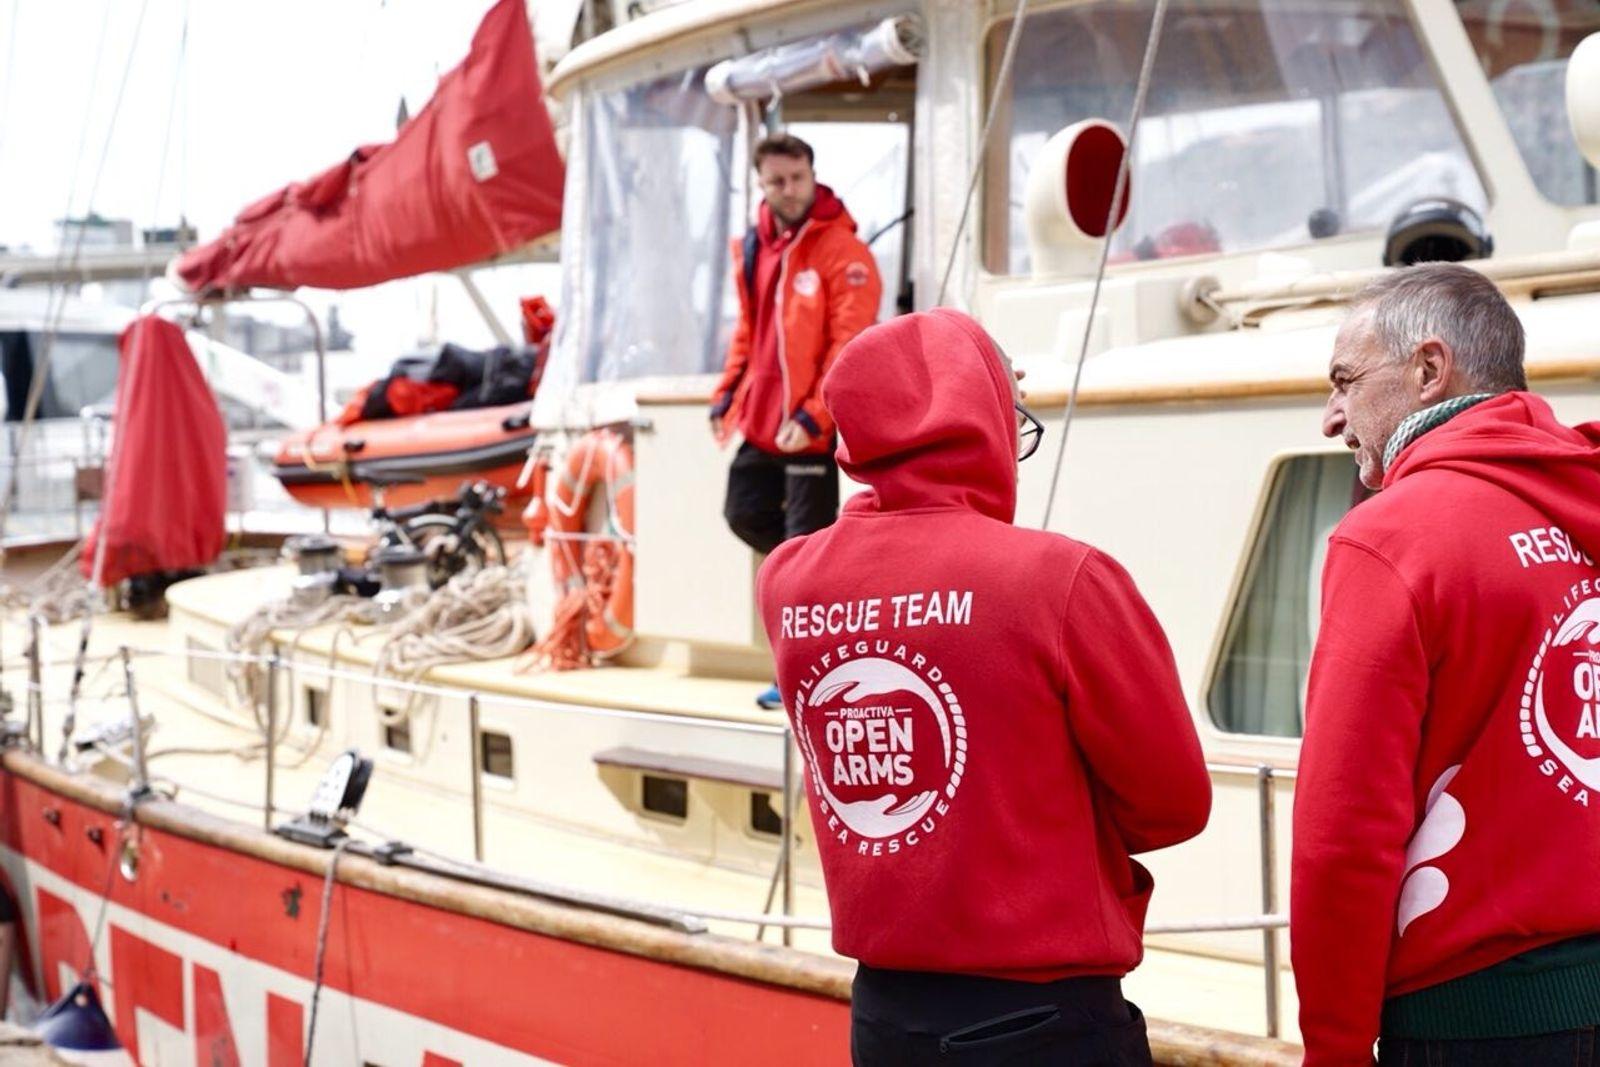 Barco ayuda humanitaria Open Arms